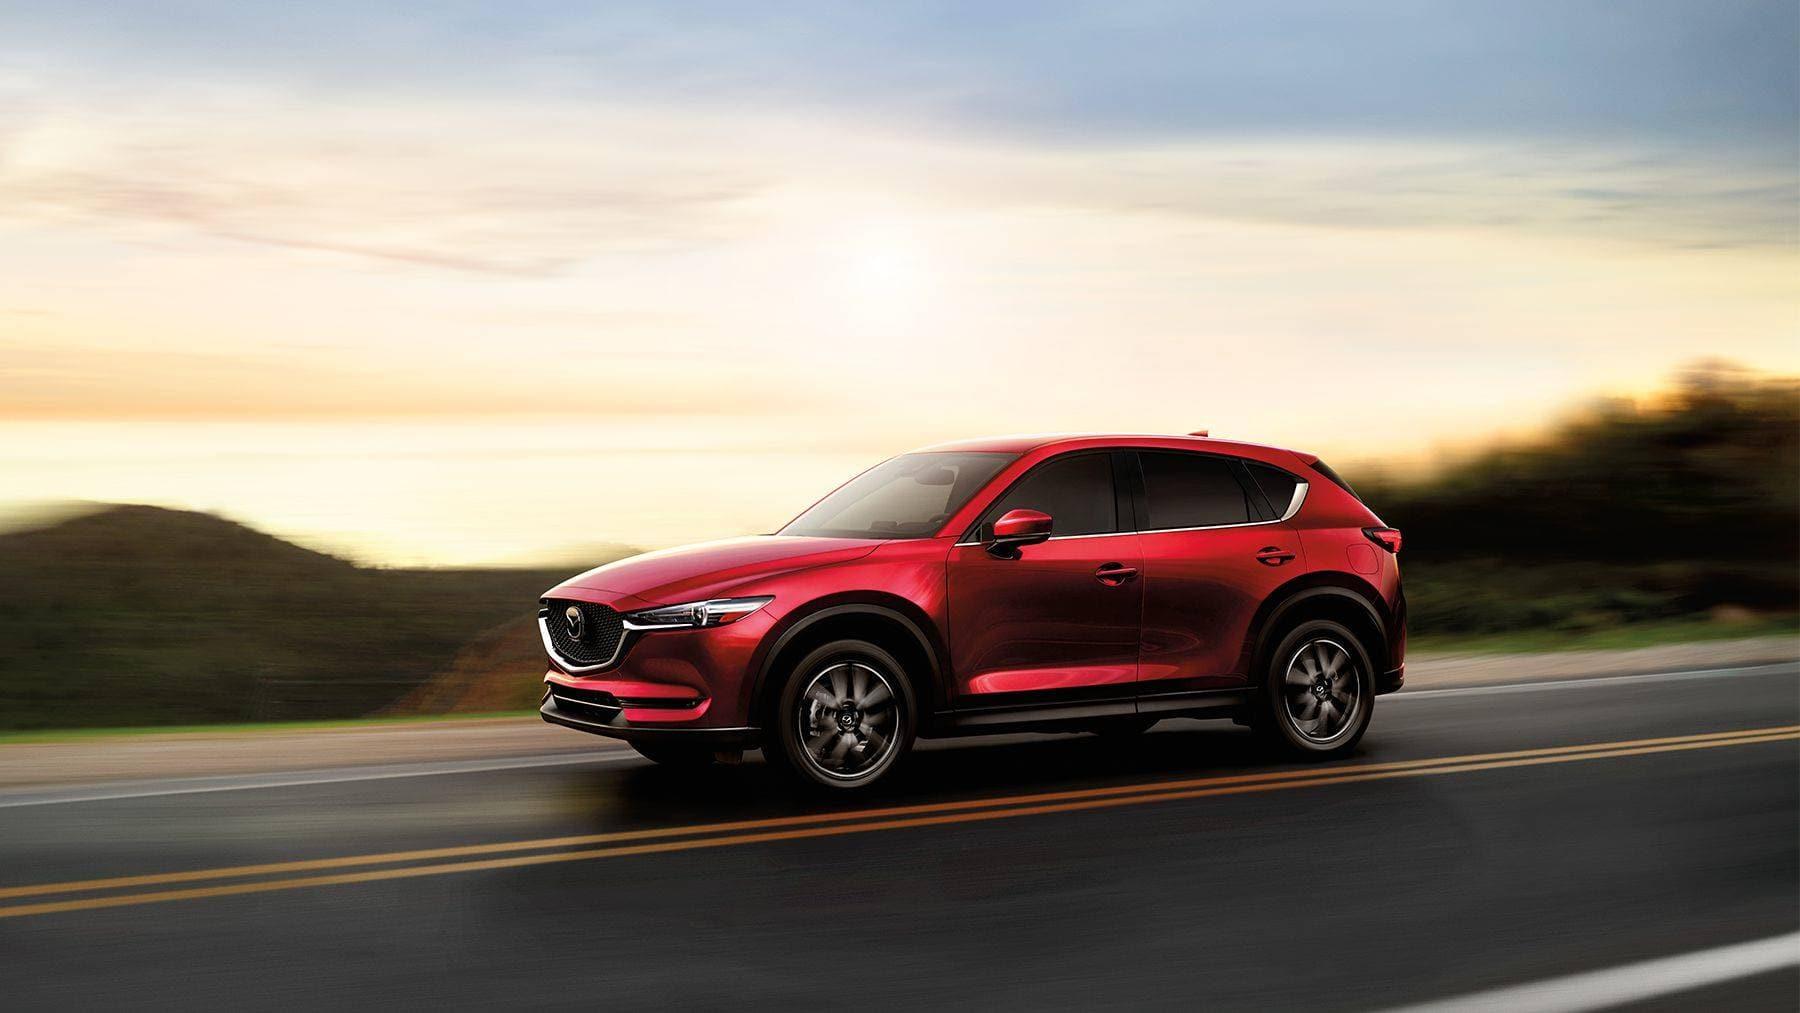 2018 Mazda CX-5 Models For Sale In Columbia, Missouri Near Fulton